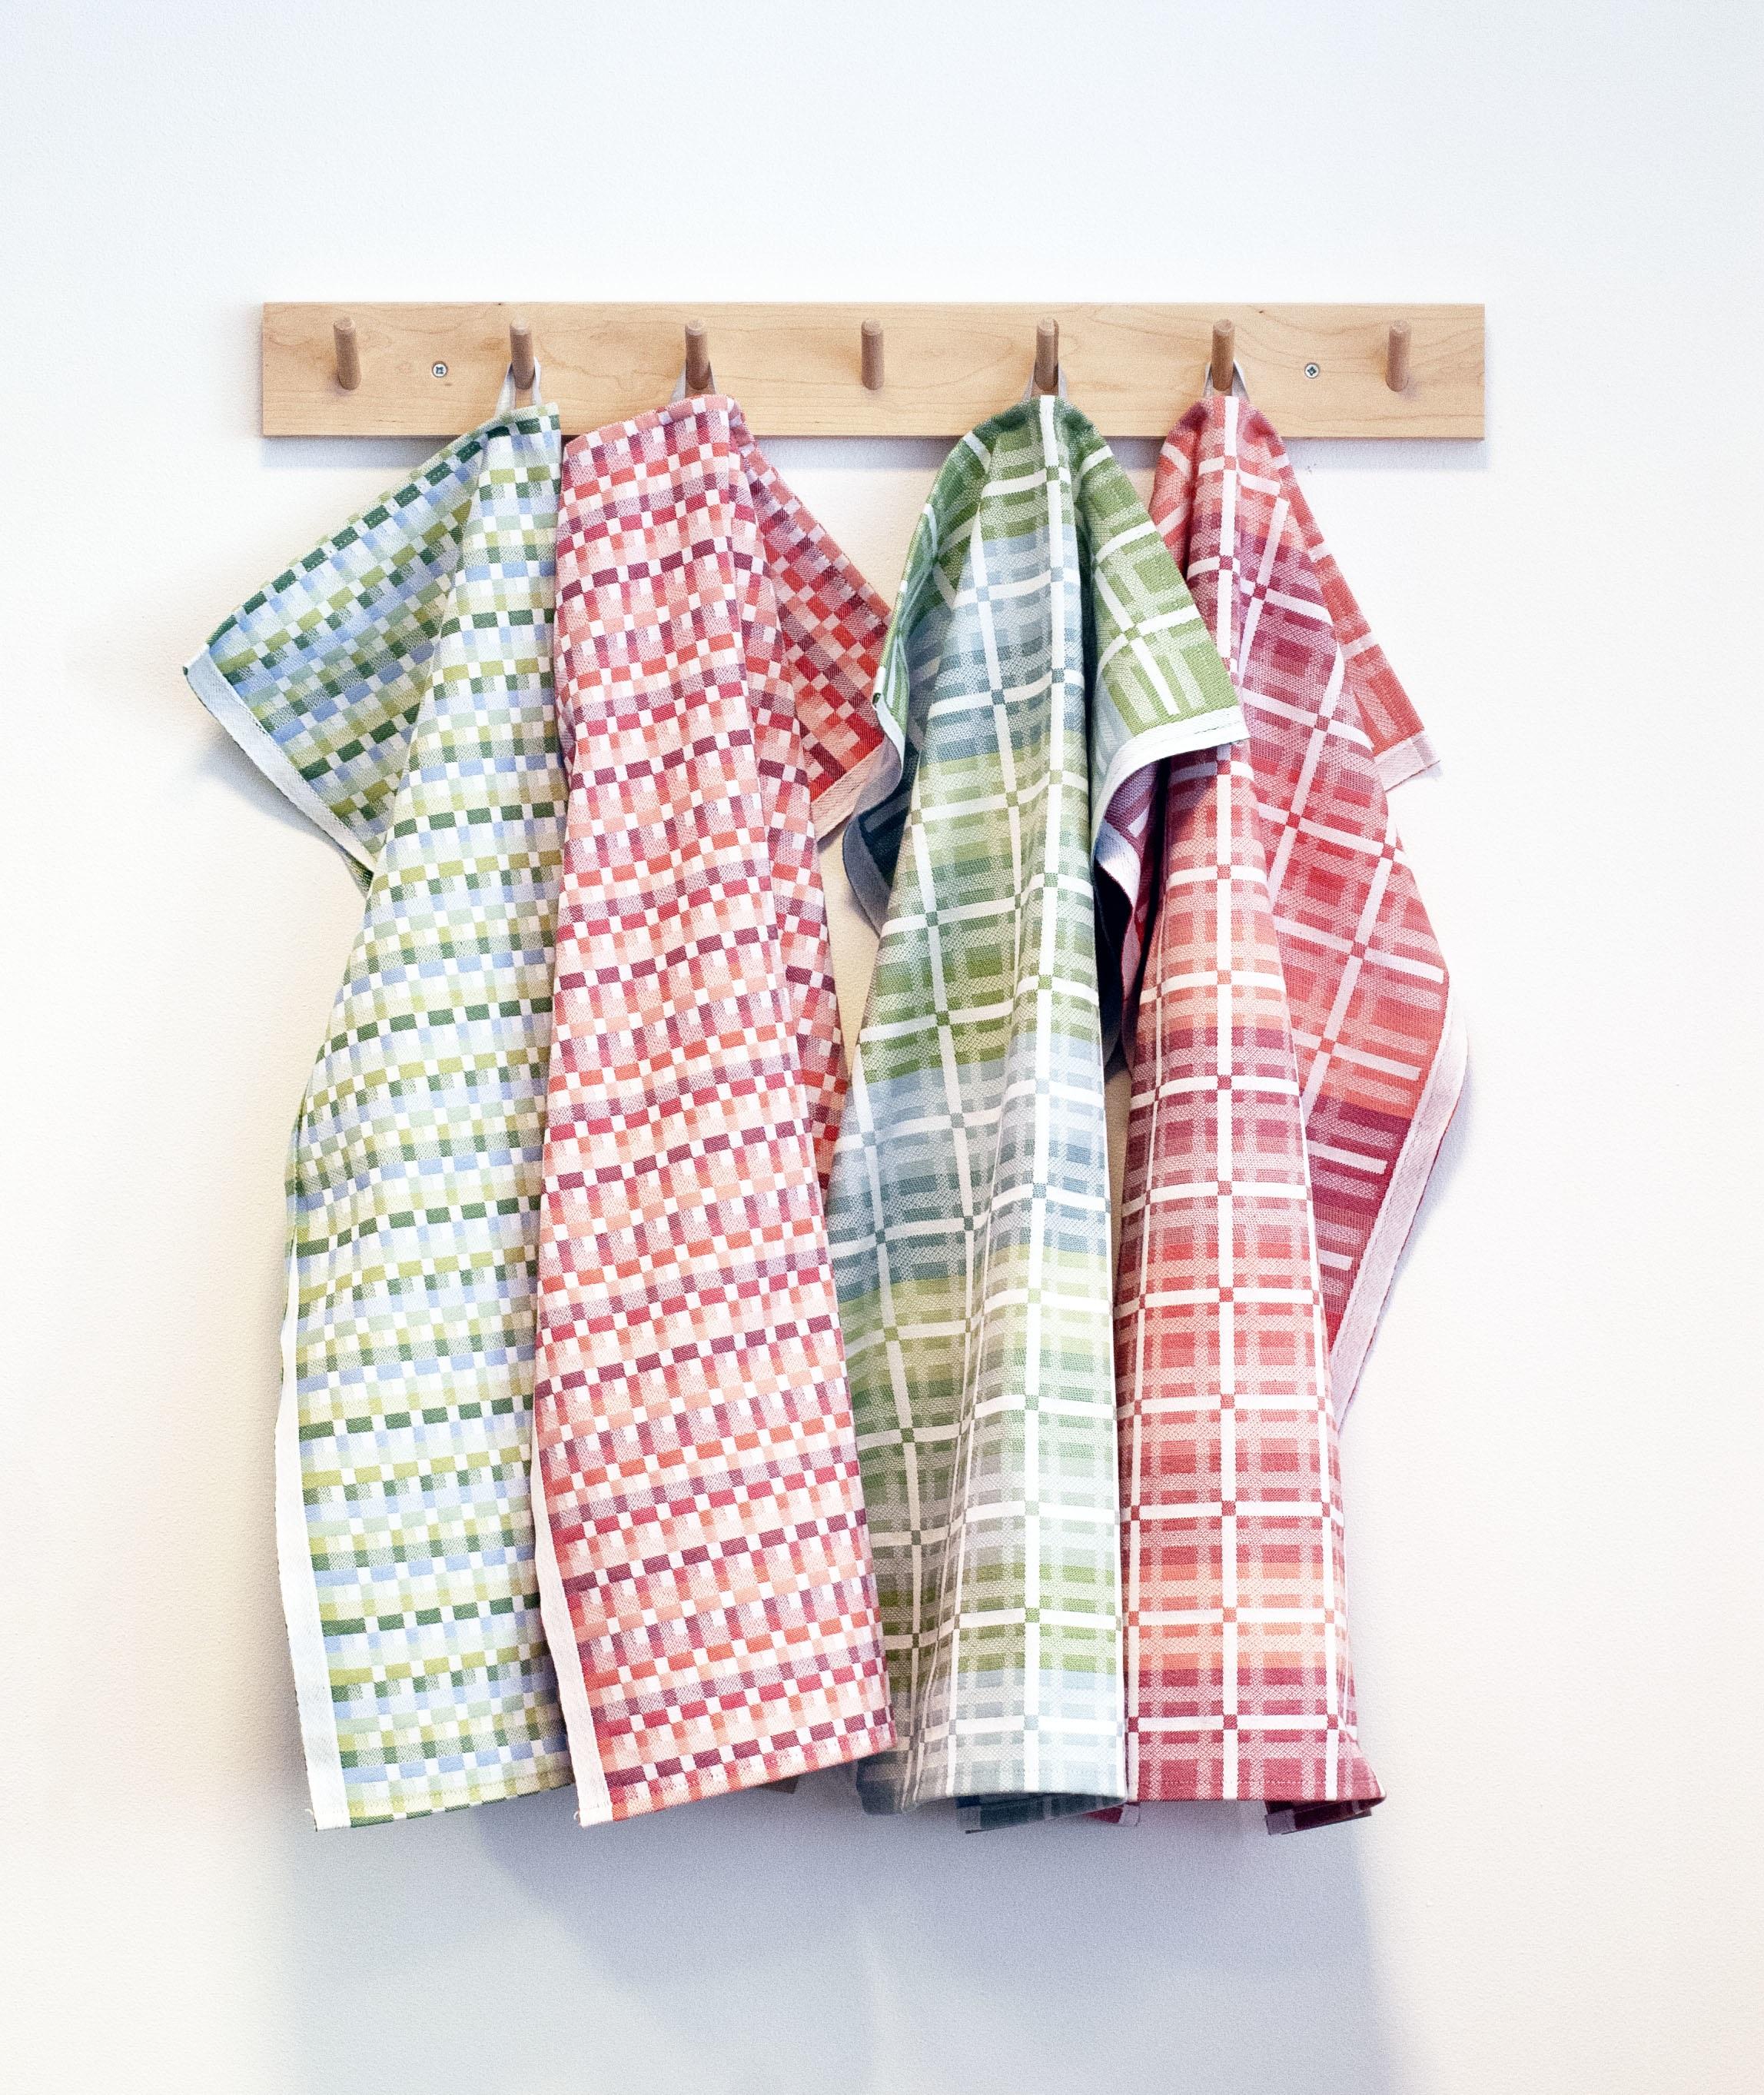 Fyra handdukar som hänger på en krokbräda